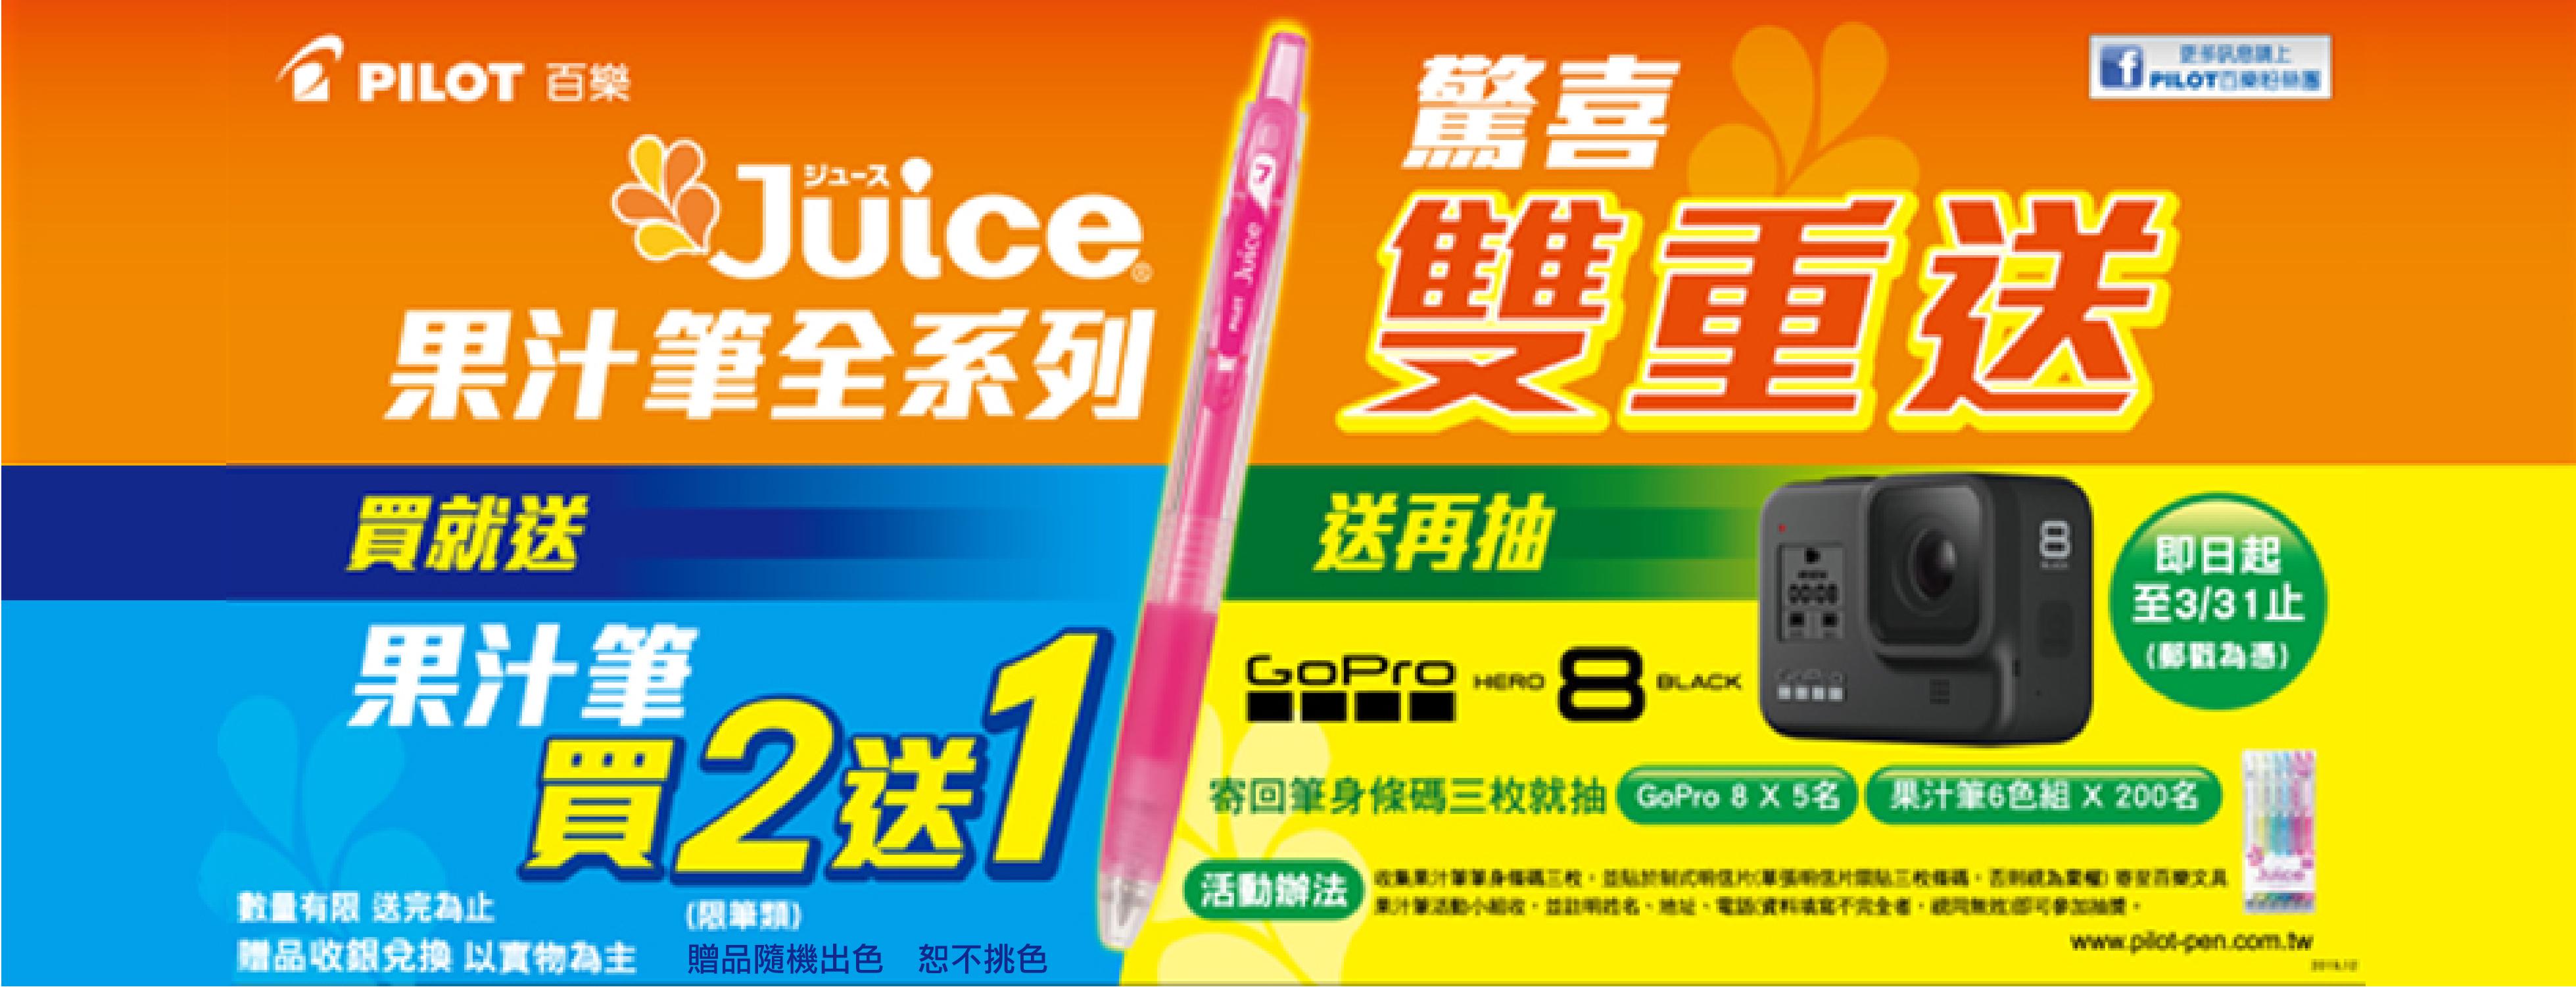 【文具通】PILOT 百樂 果汁筆